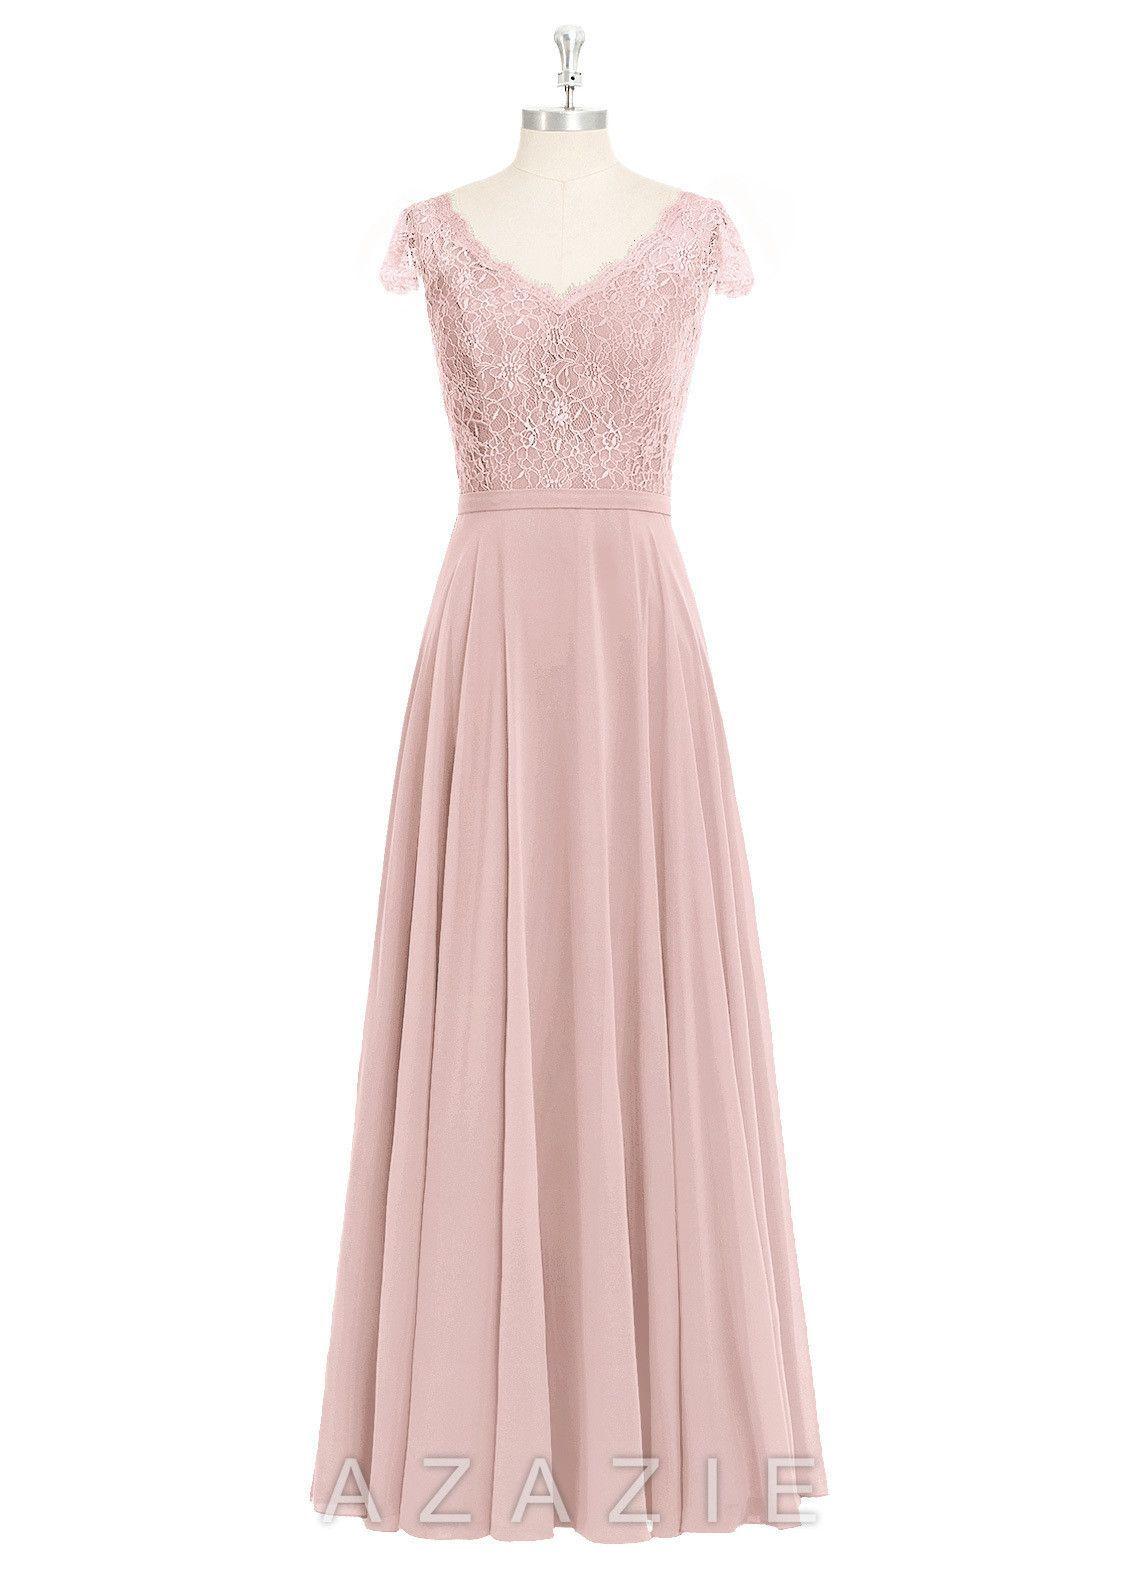 Cheryl | Dresses | Pinterest